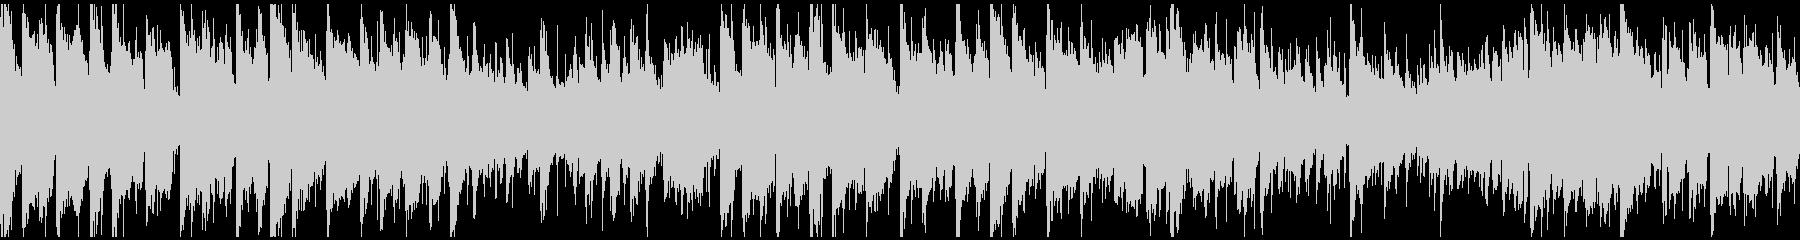 ドラムンベース×生音系ジャズ ※ループ版の未再生の波形